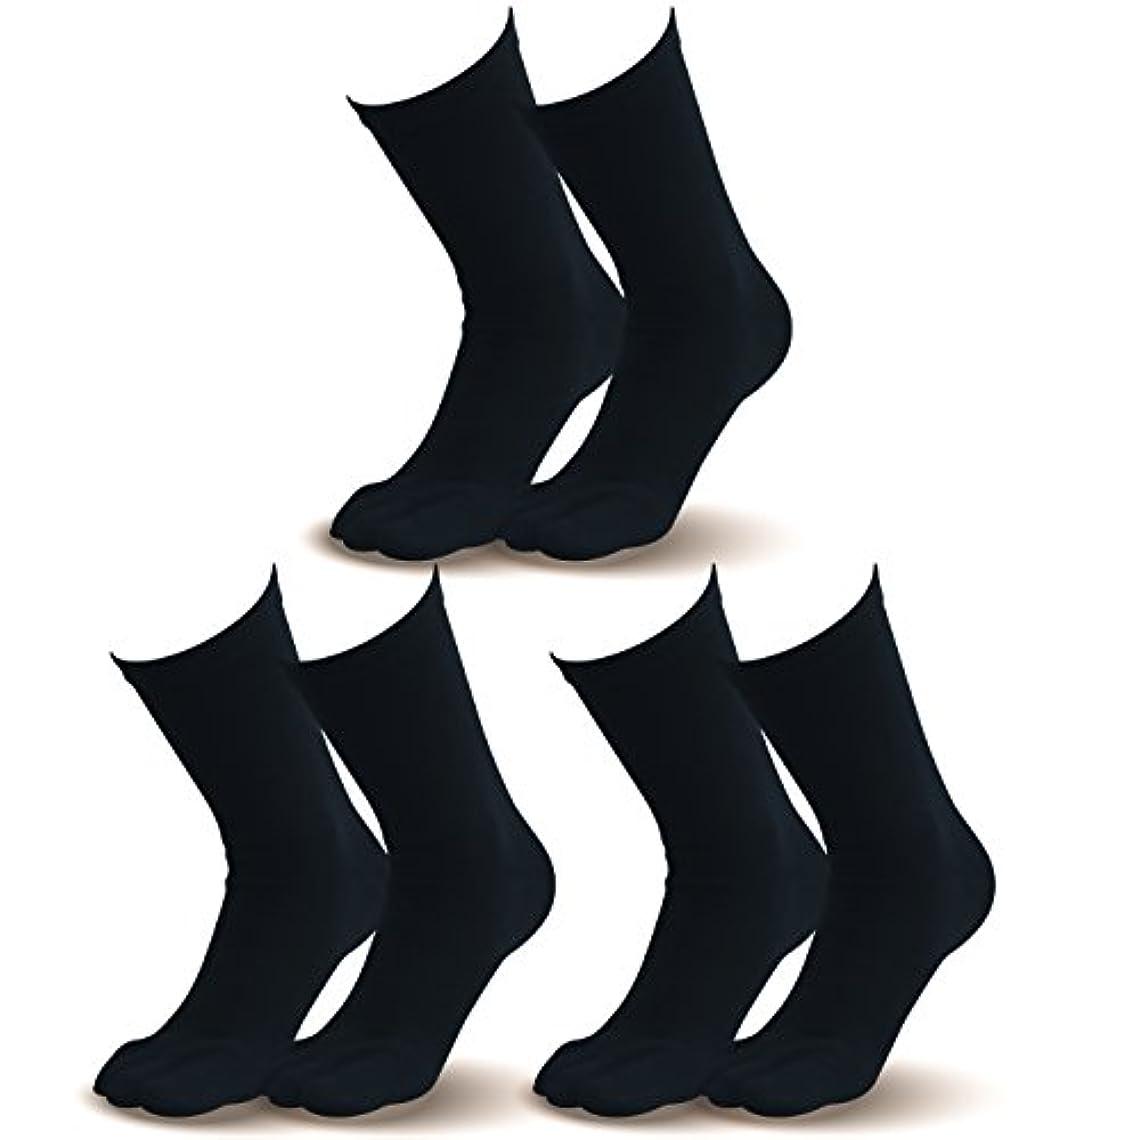 ポップ手荷物インディカ【指先まであったか靴下】とってもお得な ブラック3足組  温かい 暖かい 遠赤外線加工 セラミック 伸びる 外反母趾対策 健康 5本指ソックス